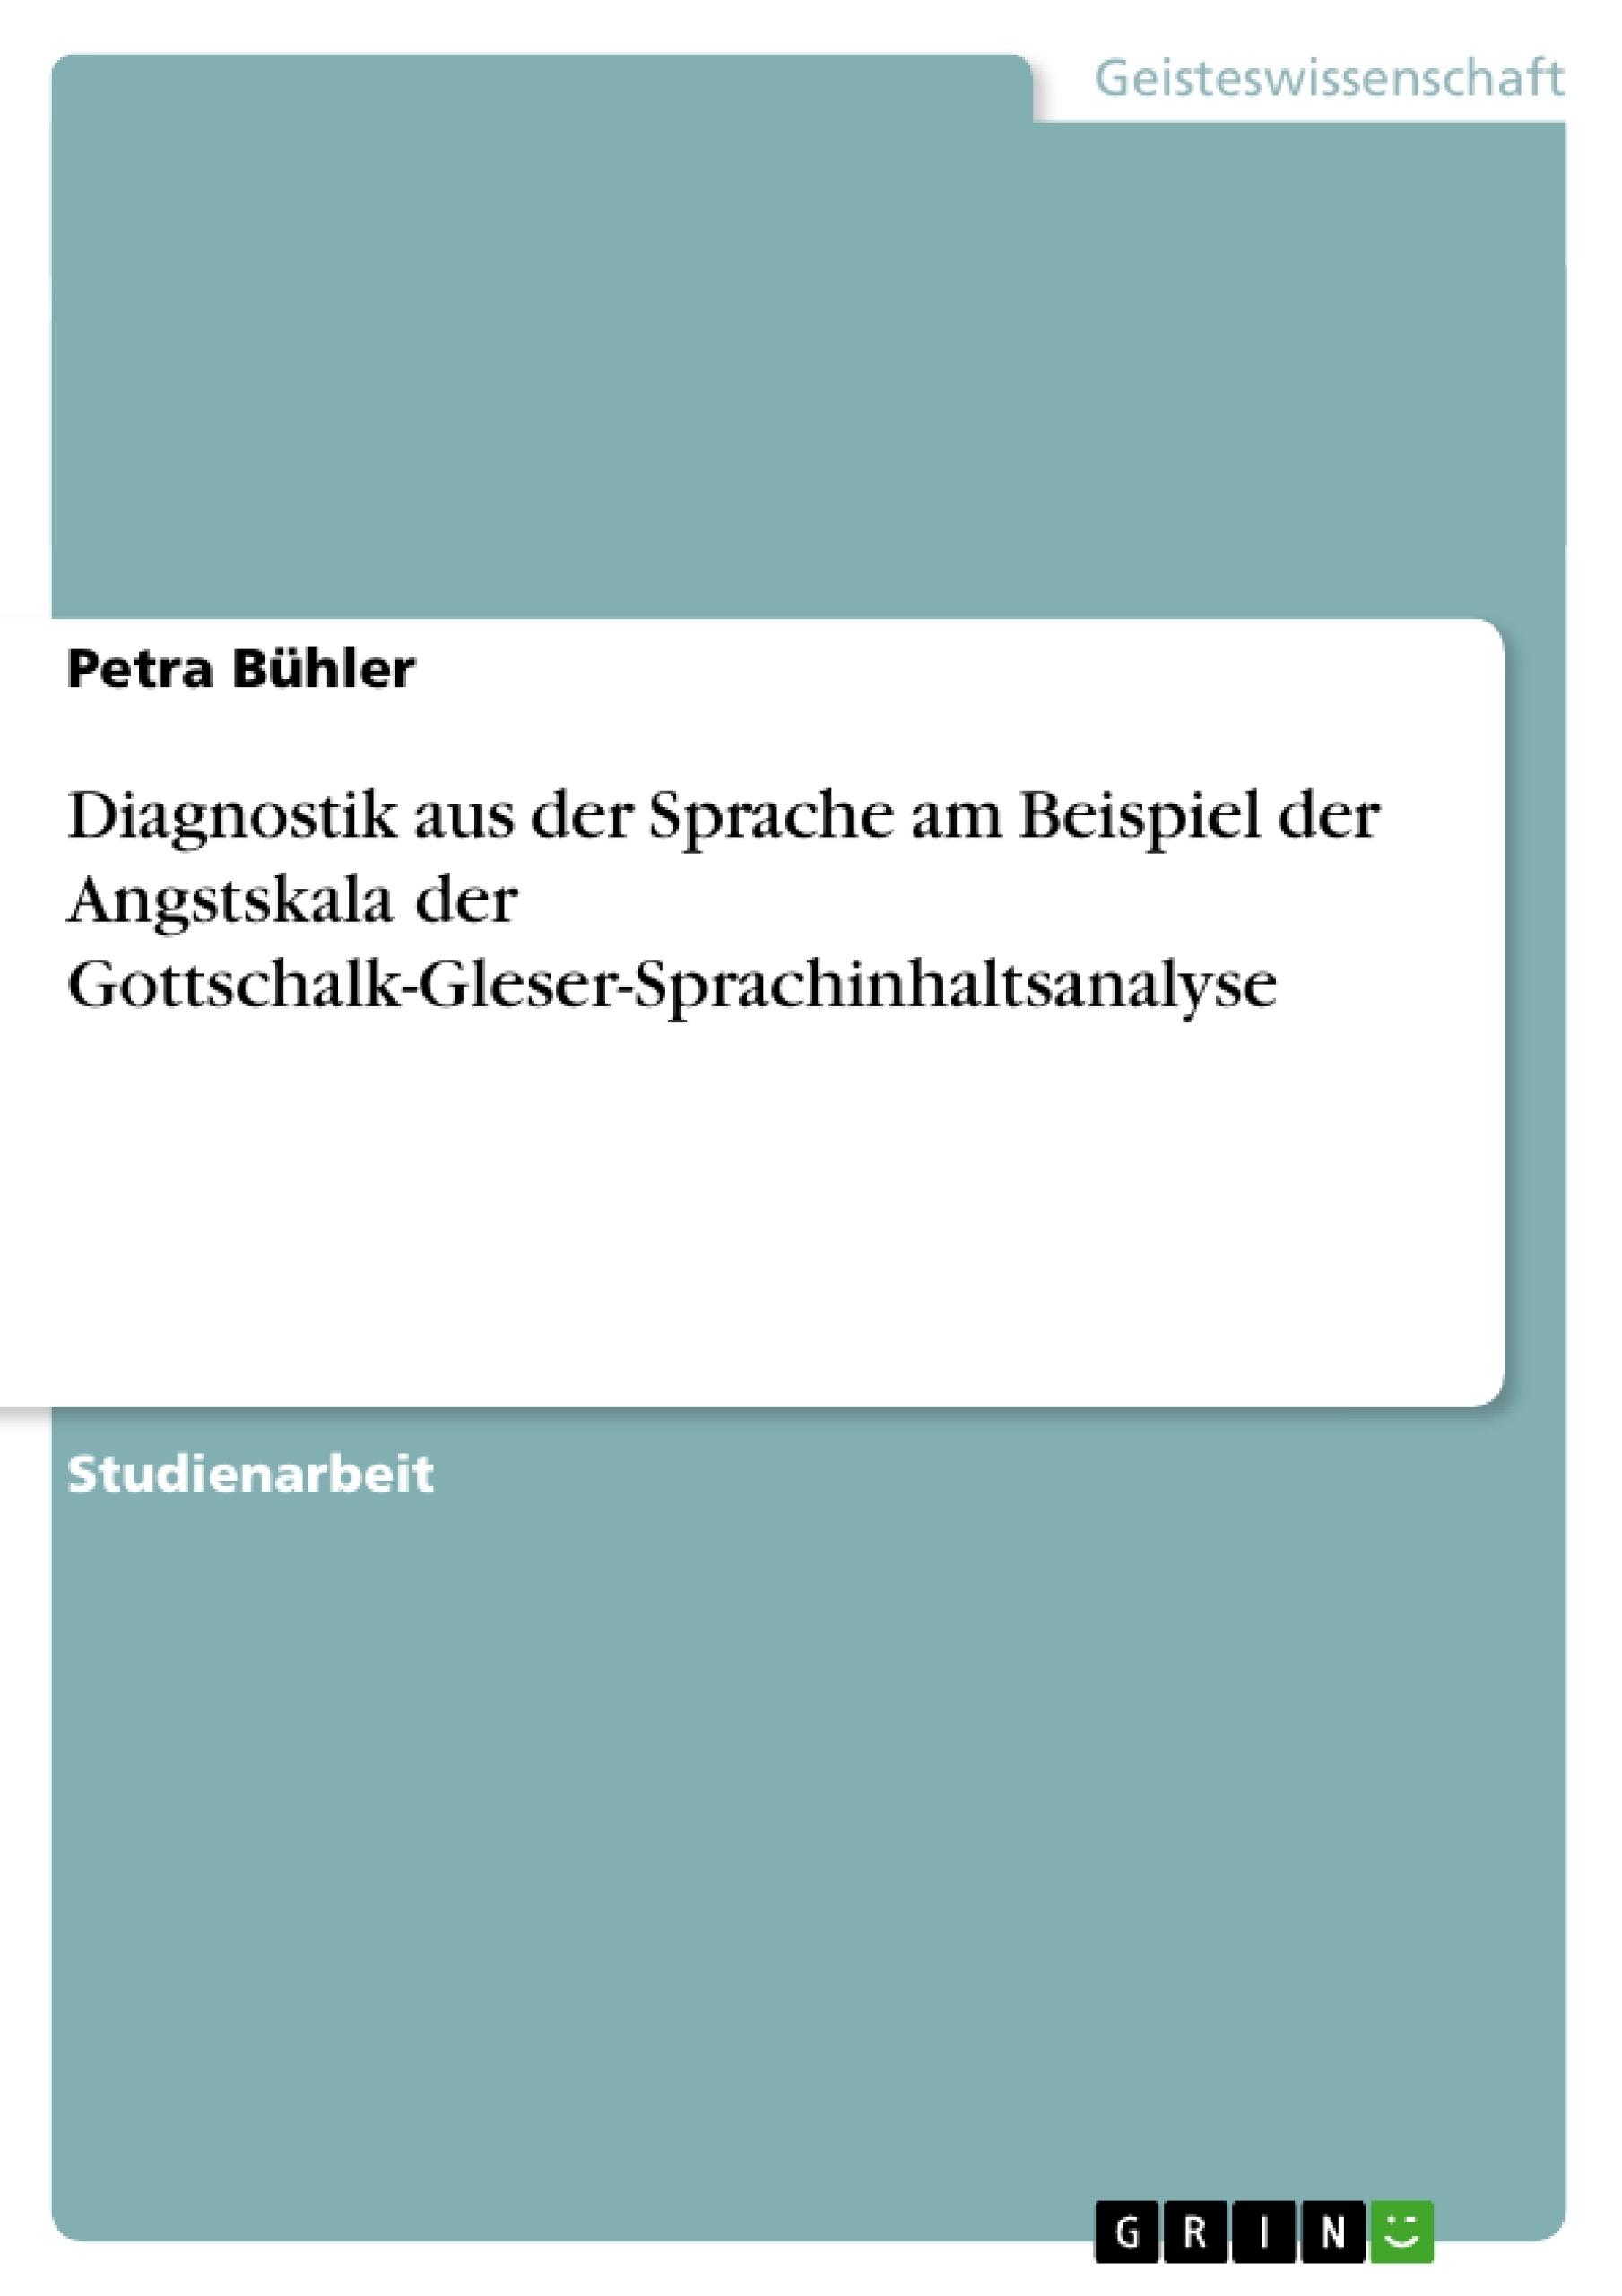 Titel: Diagnostik aus der Sprache am Beispiel der Angstskala der Gottschalk-Gleser-Sprachinhaltsanalyse